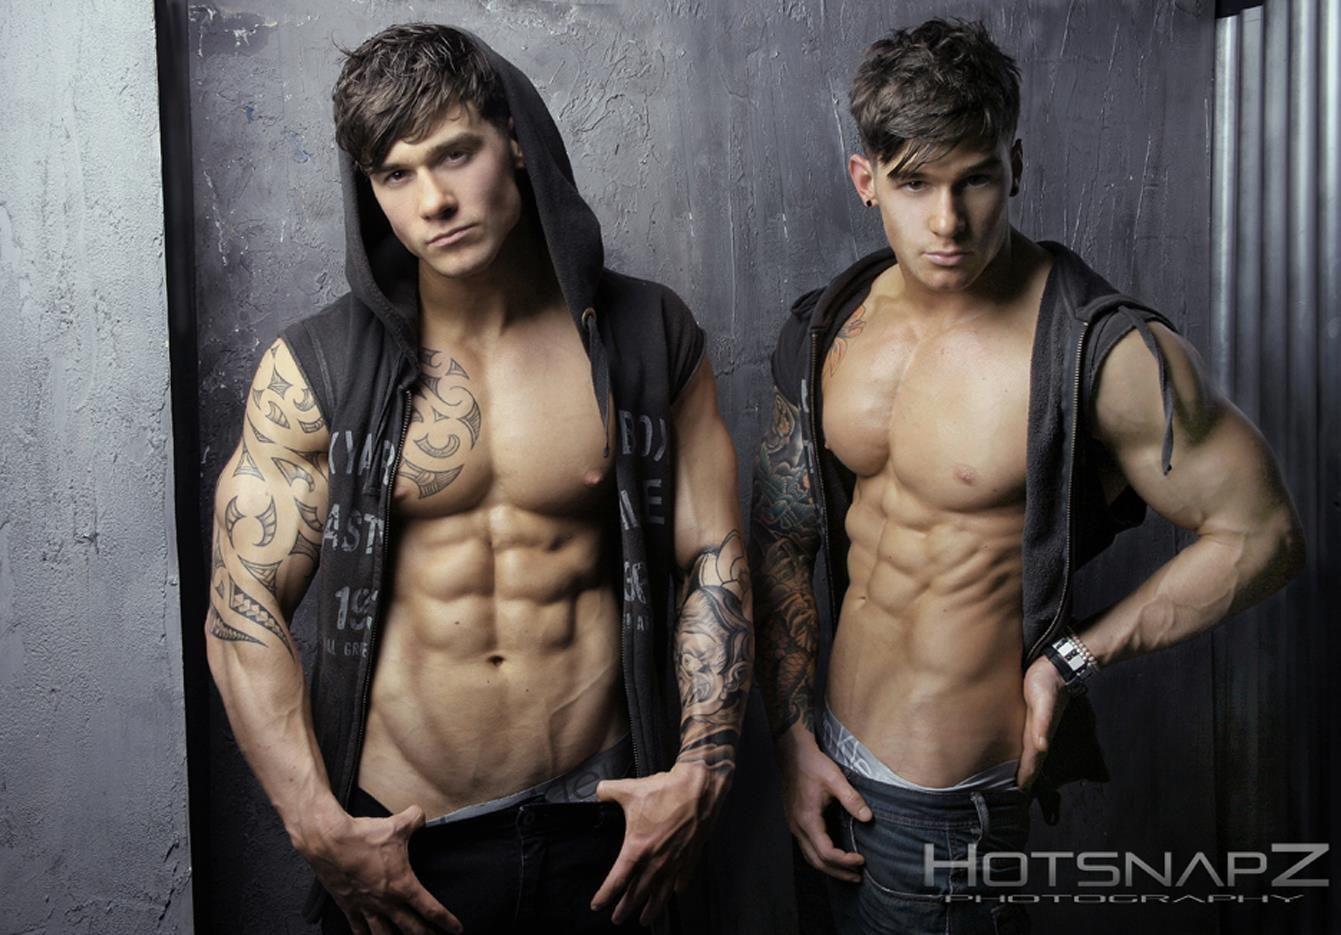 boys Hot twins